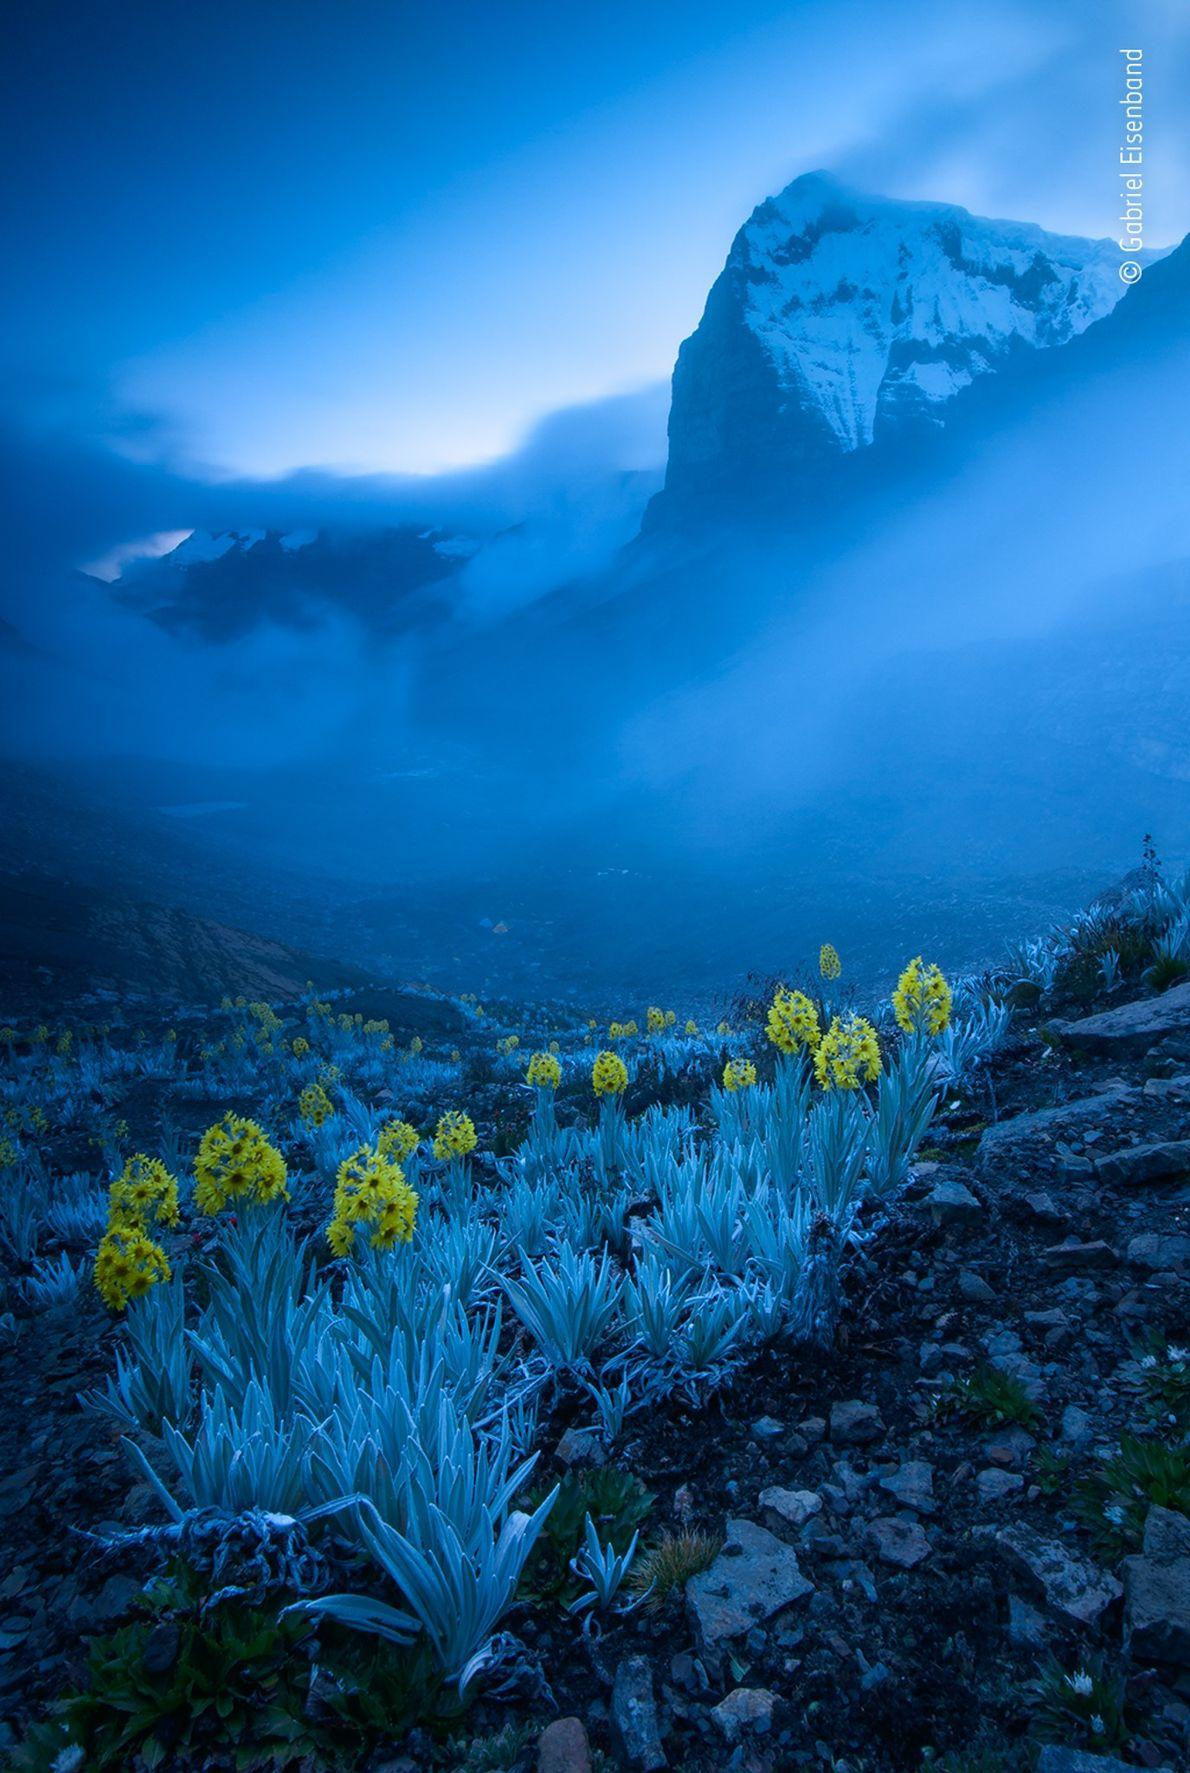 Gabriel Eisenband fez esta fotografia de plantas de arnica branca, encontradas exclusivamente na Colômbia, que ganhou ...